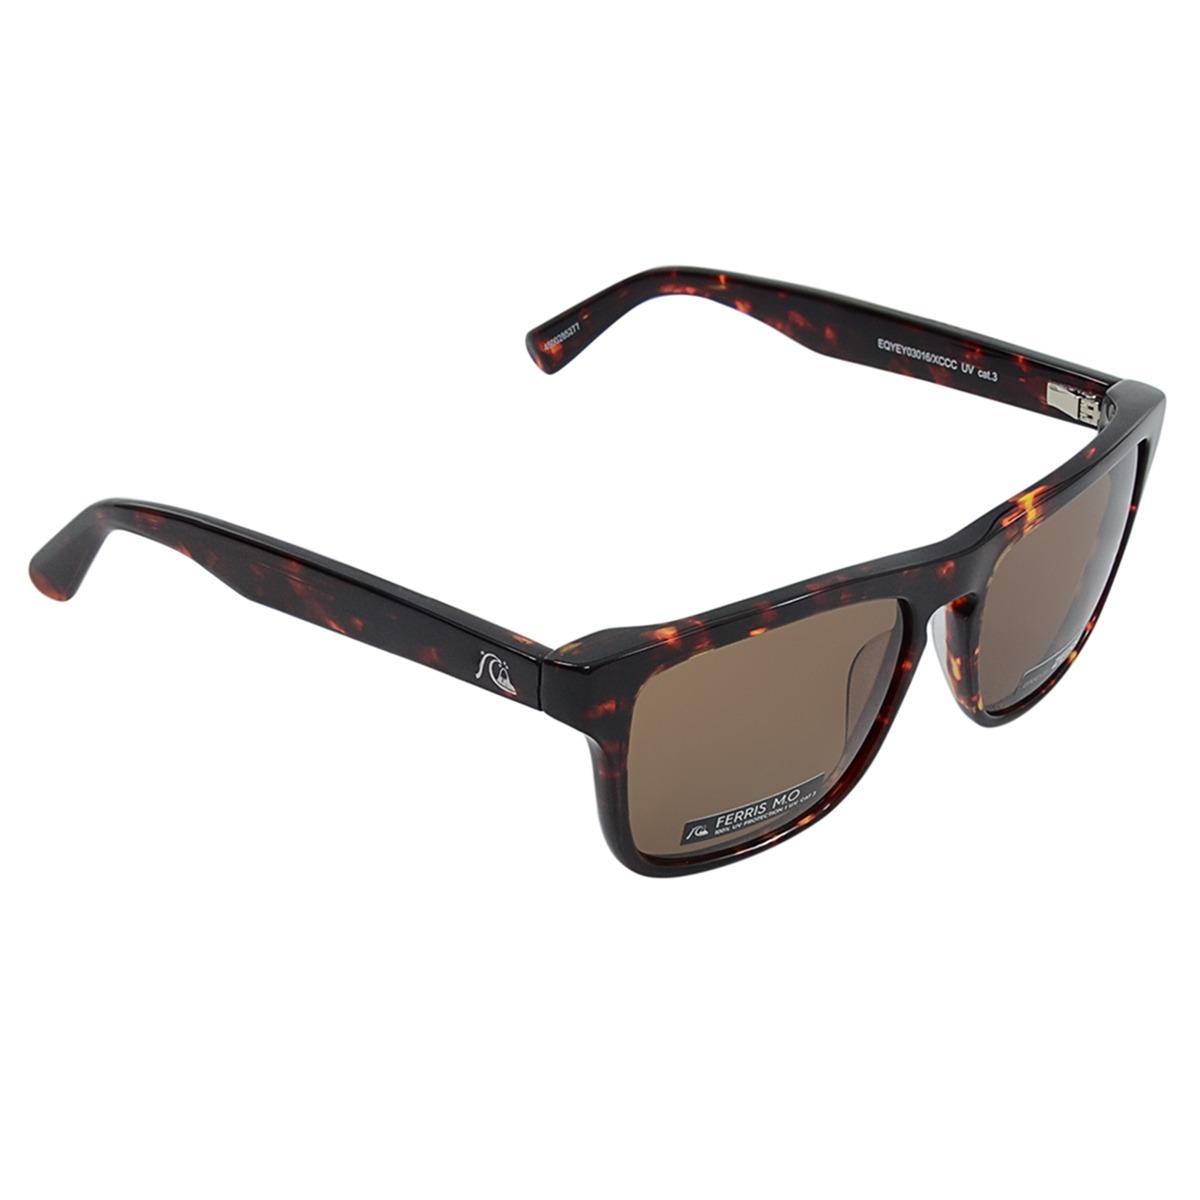 Óculos Masculino Quiksilver The Ferris M.o Marrom - R  690,00 em ... ec0a1e8862